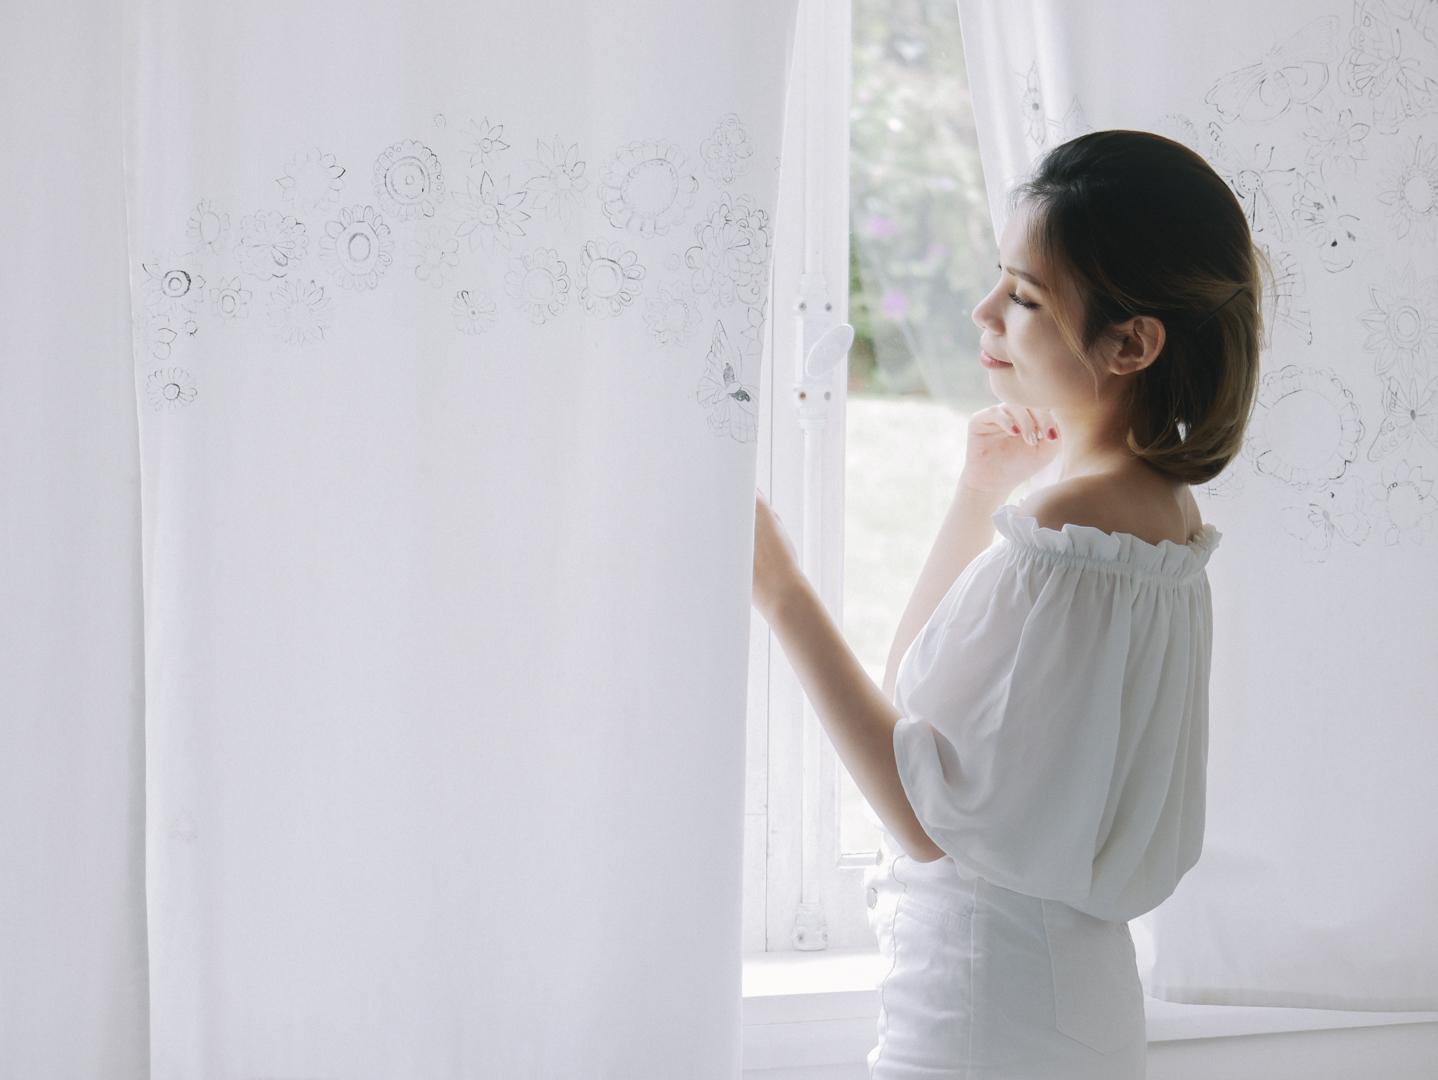 Căn phòng trắng với những điểm xuyết màu sắc ôn hoà, nhìn thôi đã cảm thấy an yên.